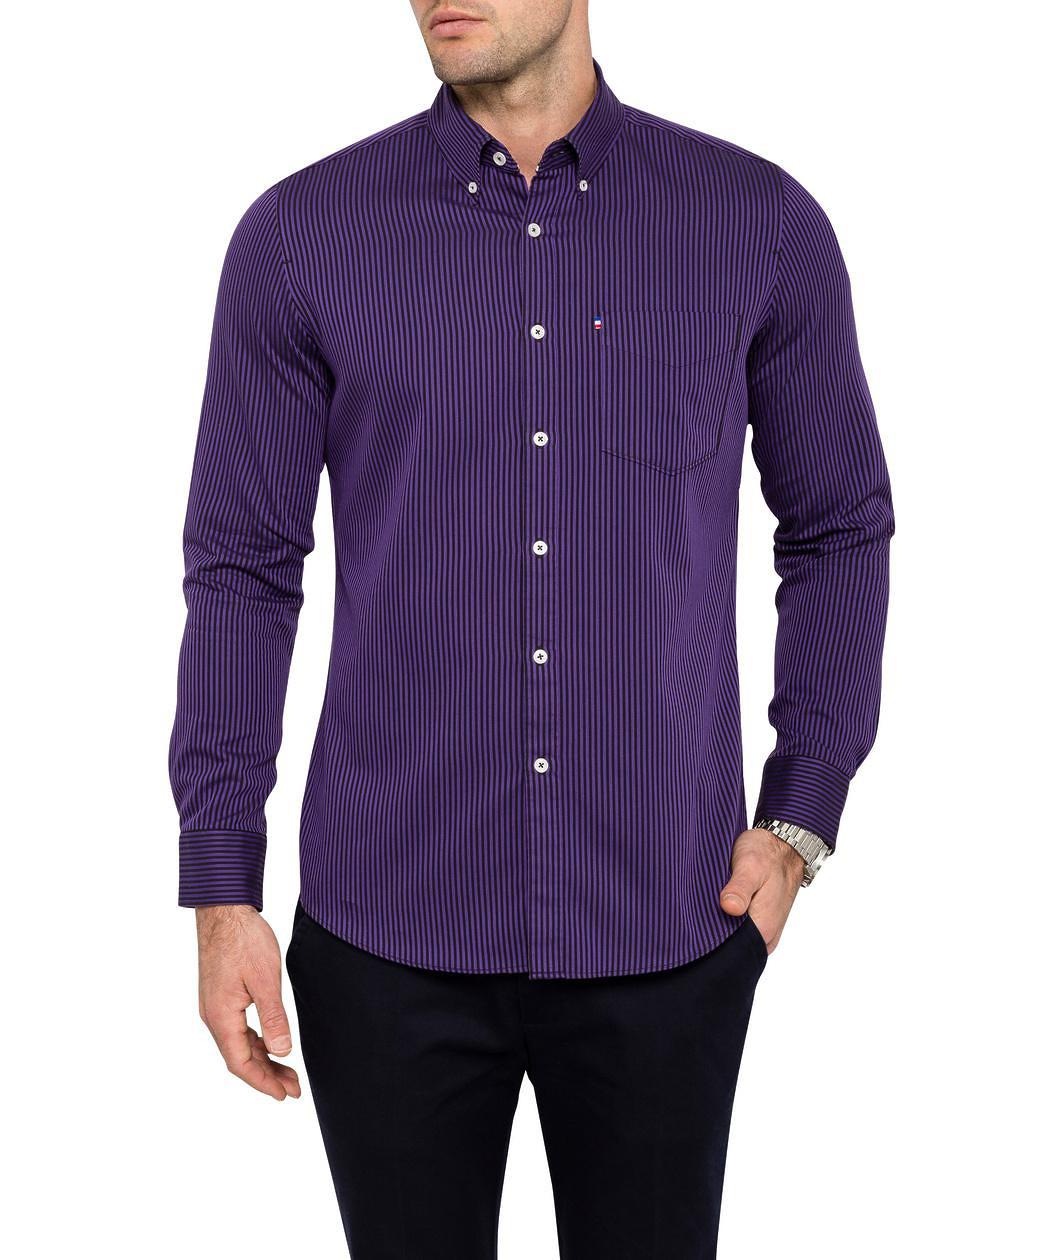 Van Heusen Mens Casual Shirt Purple Stripe Van Heusen